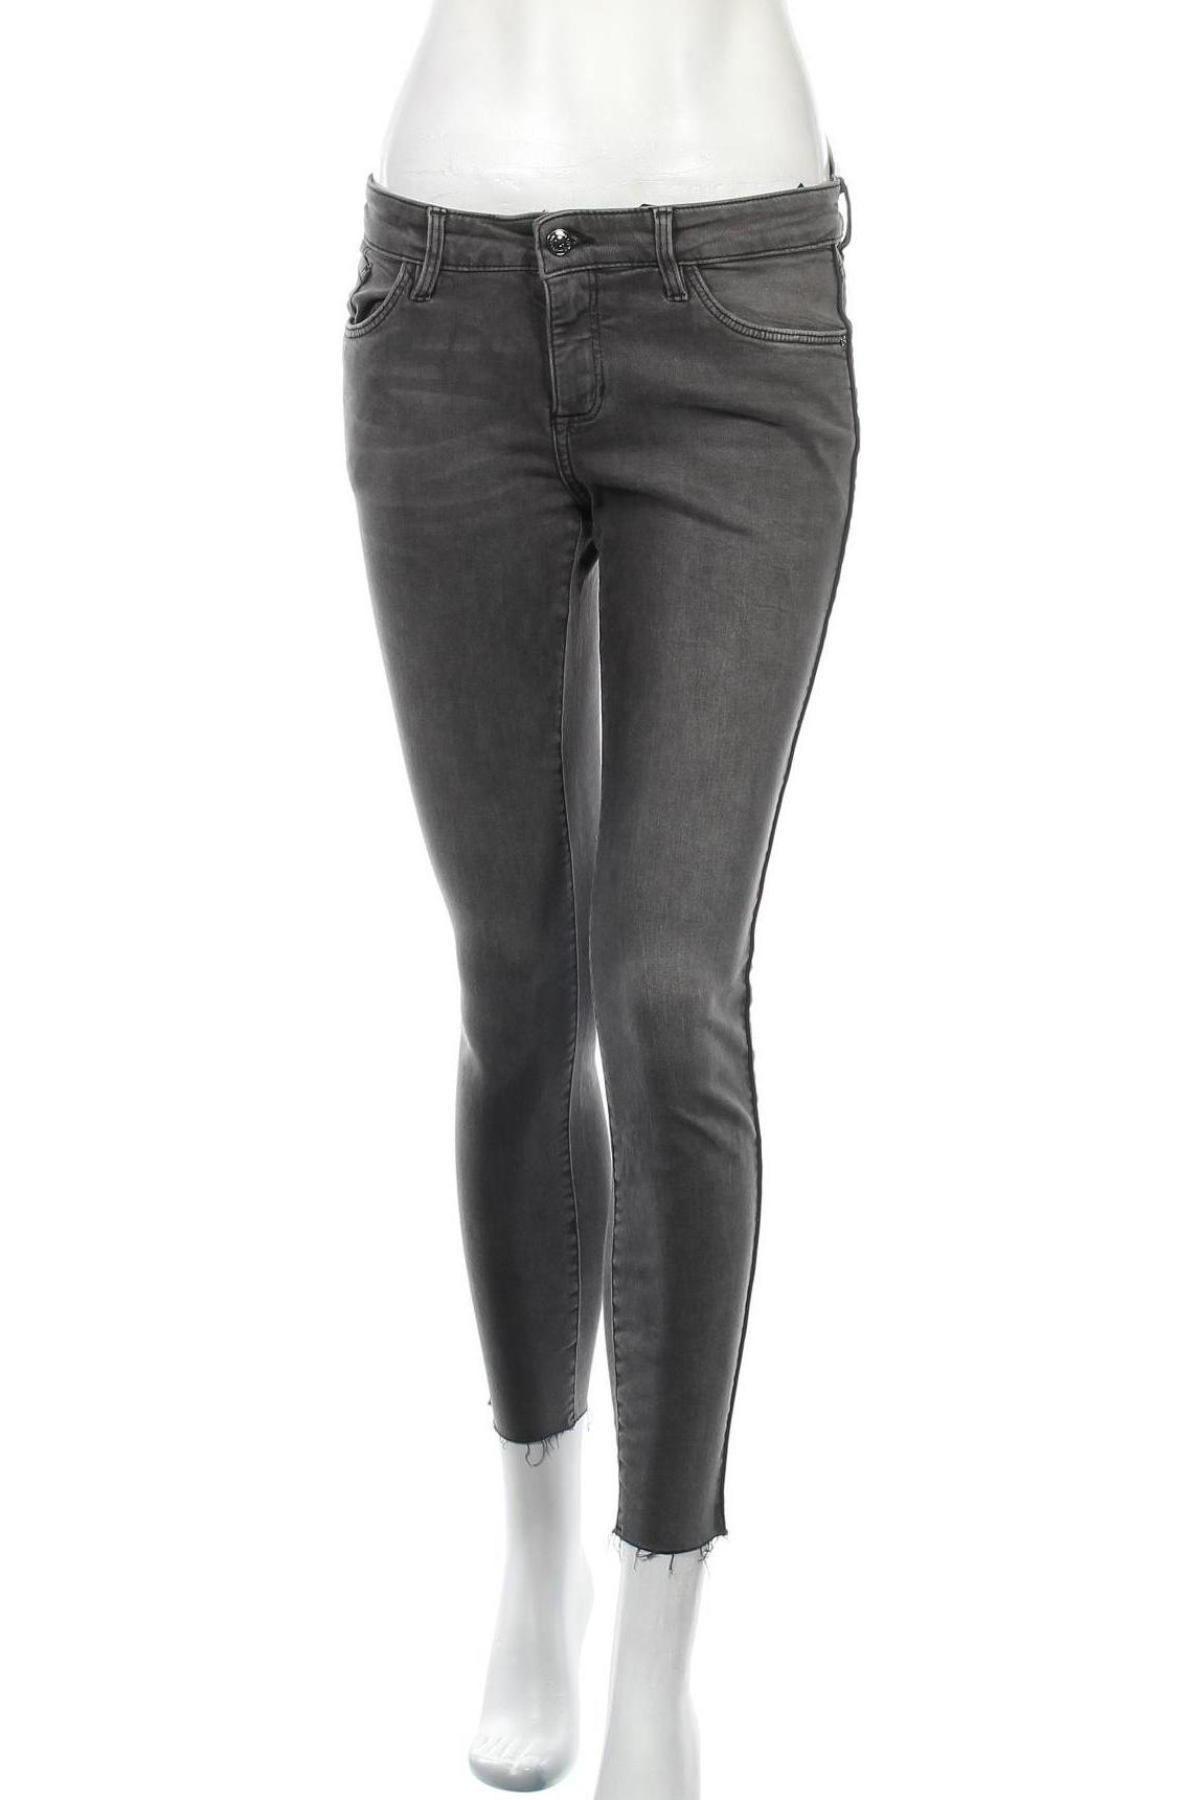 Дамски дънки S.Oliver, Размер S, Цвят Сив, 99% памук, 1% еластан, Цена 55,50лв.